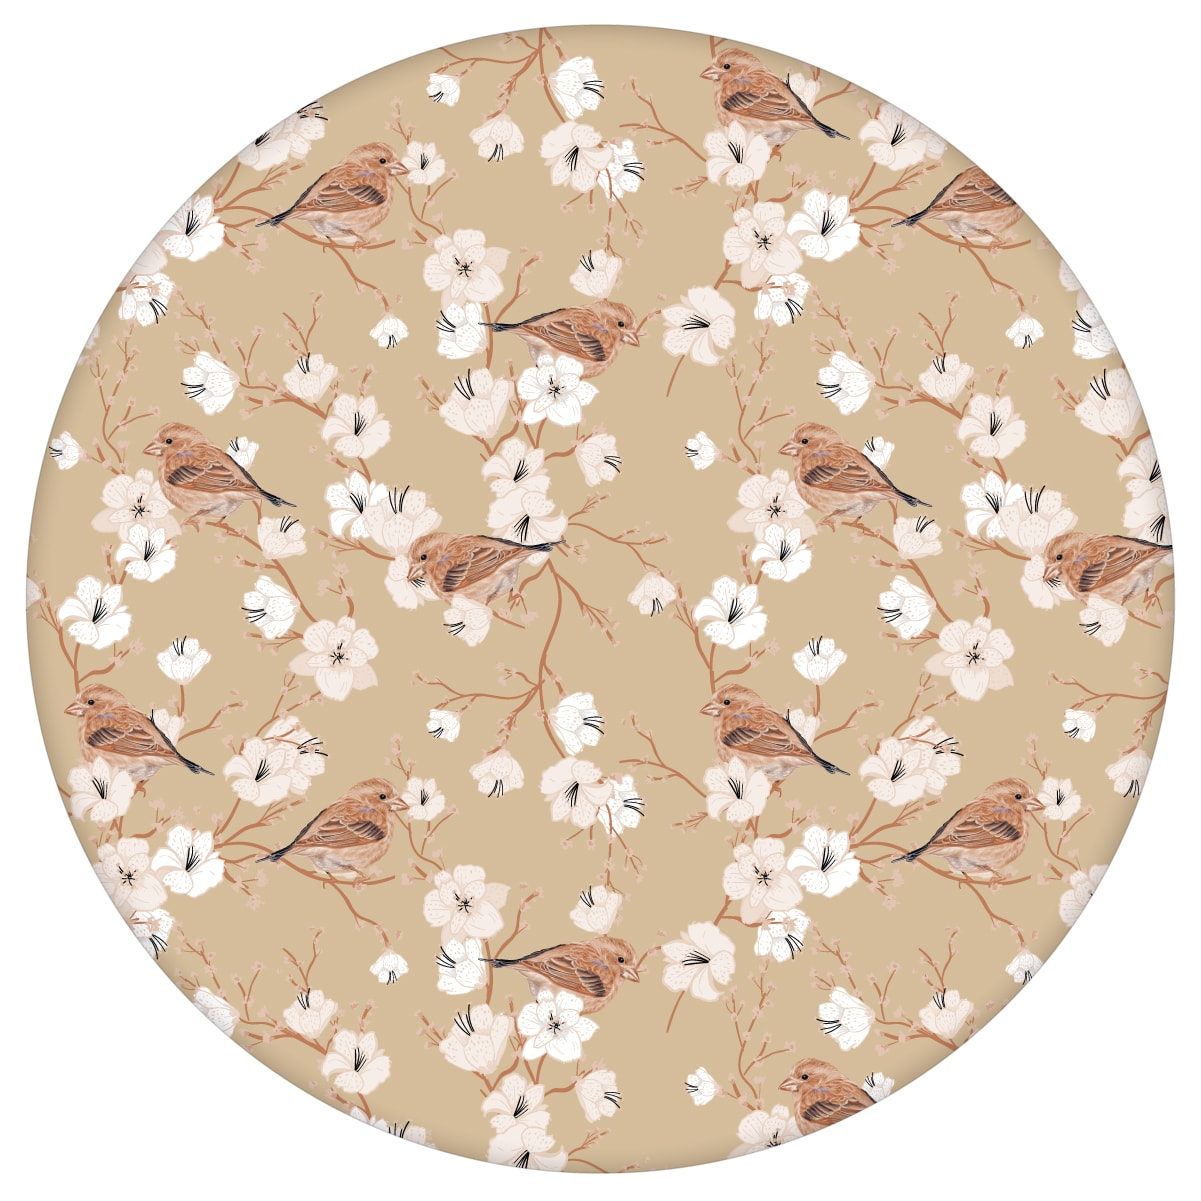 """Schöne Frühlings Tapete """"Kirschblüten Spatz"""" mit Vögeln, beige Vlies Tapete Blumen Tiere, Wanddeko für Wohnzimmeraus dem GMM-BERLIN.com Sortiment: beige Tapete zur Raumgestaltung: #00171 #beige #beige – cremefarbene Tapeten #blueten #blumen #Blumentapete #fruehling #Kirschblüte #Spatz #voegel #Wohnzimmer für individuelles Interiordesign"""